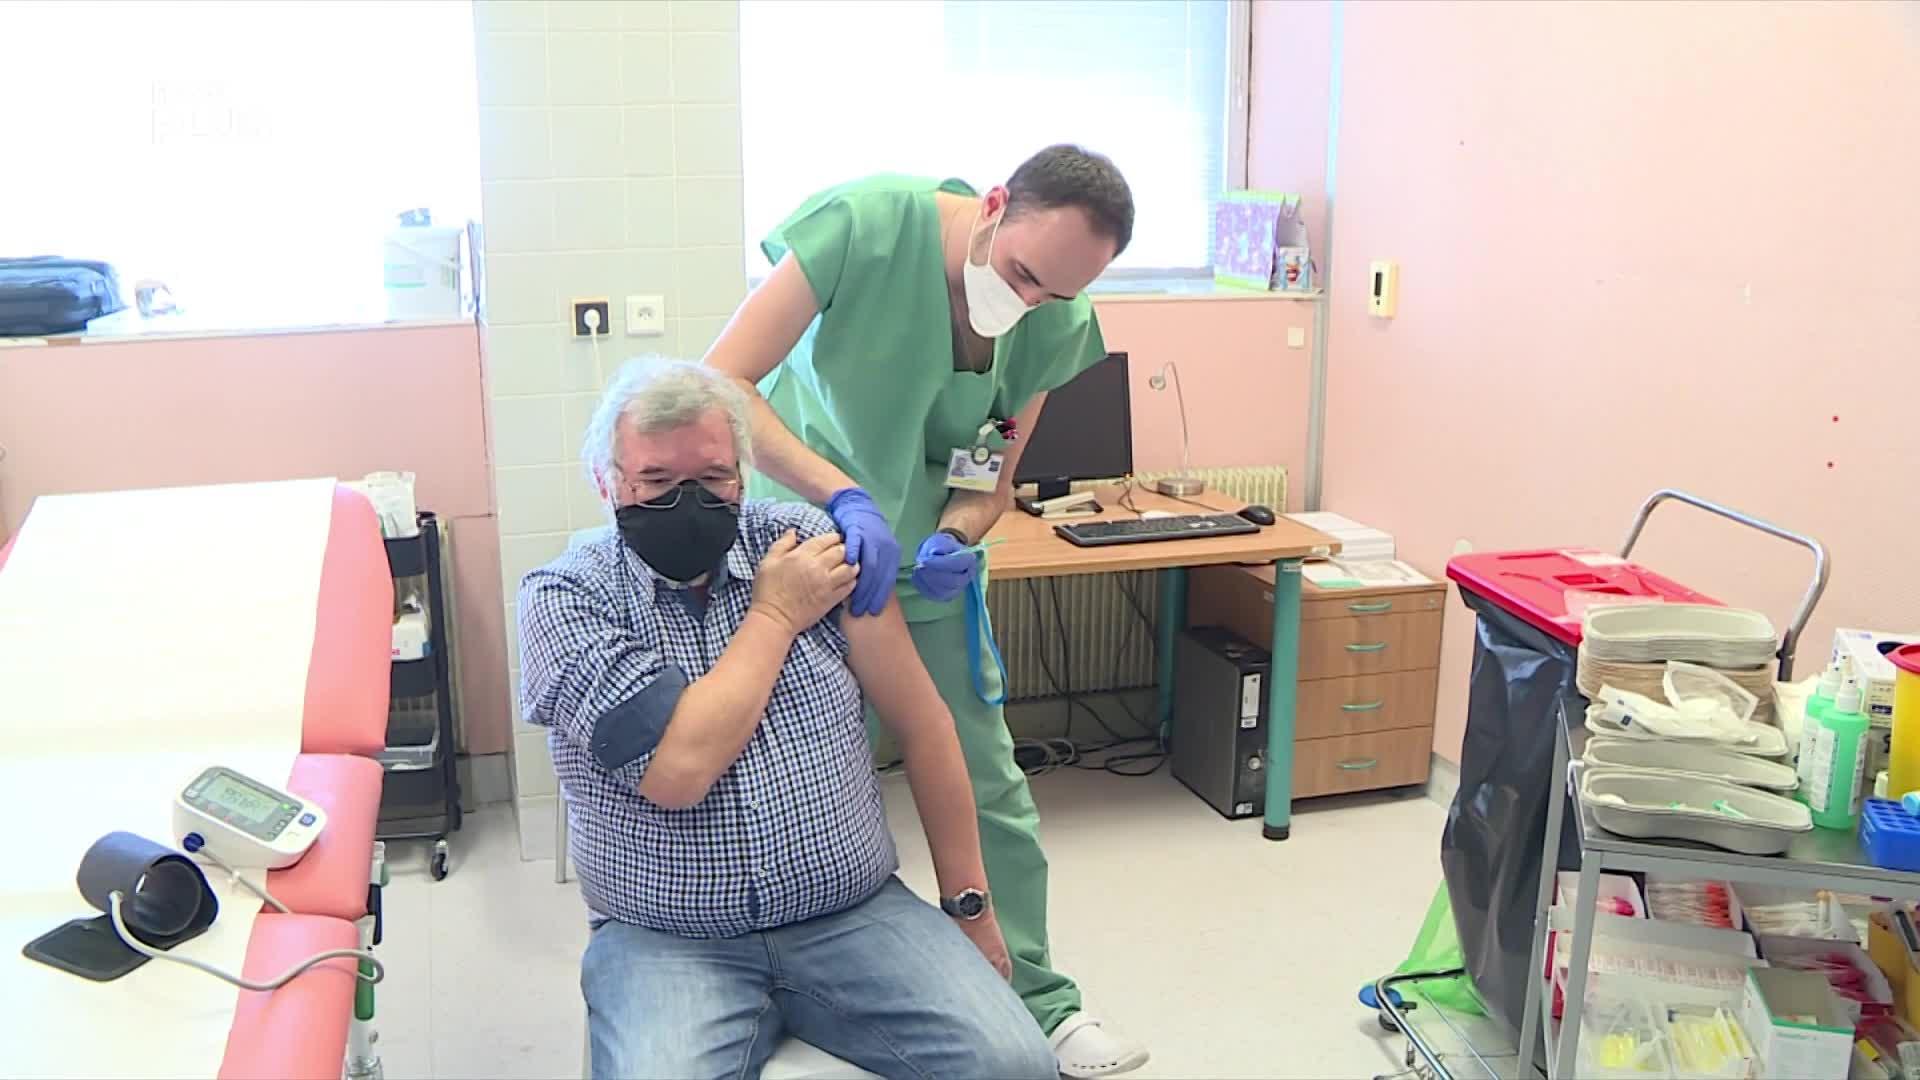 Boj proti koronaviru: Jakou účinnost mají jednotlivé vakcíny?